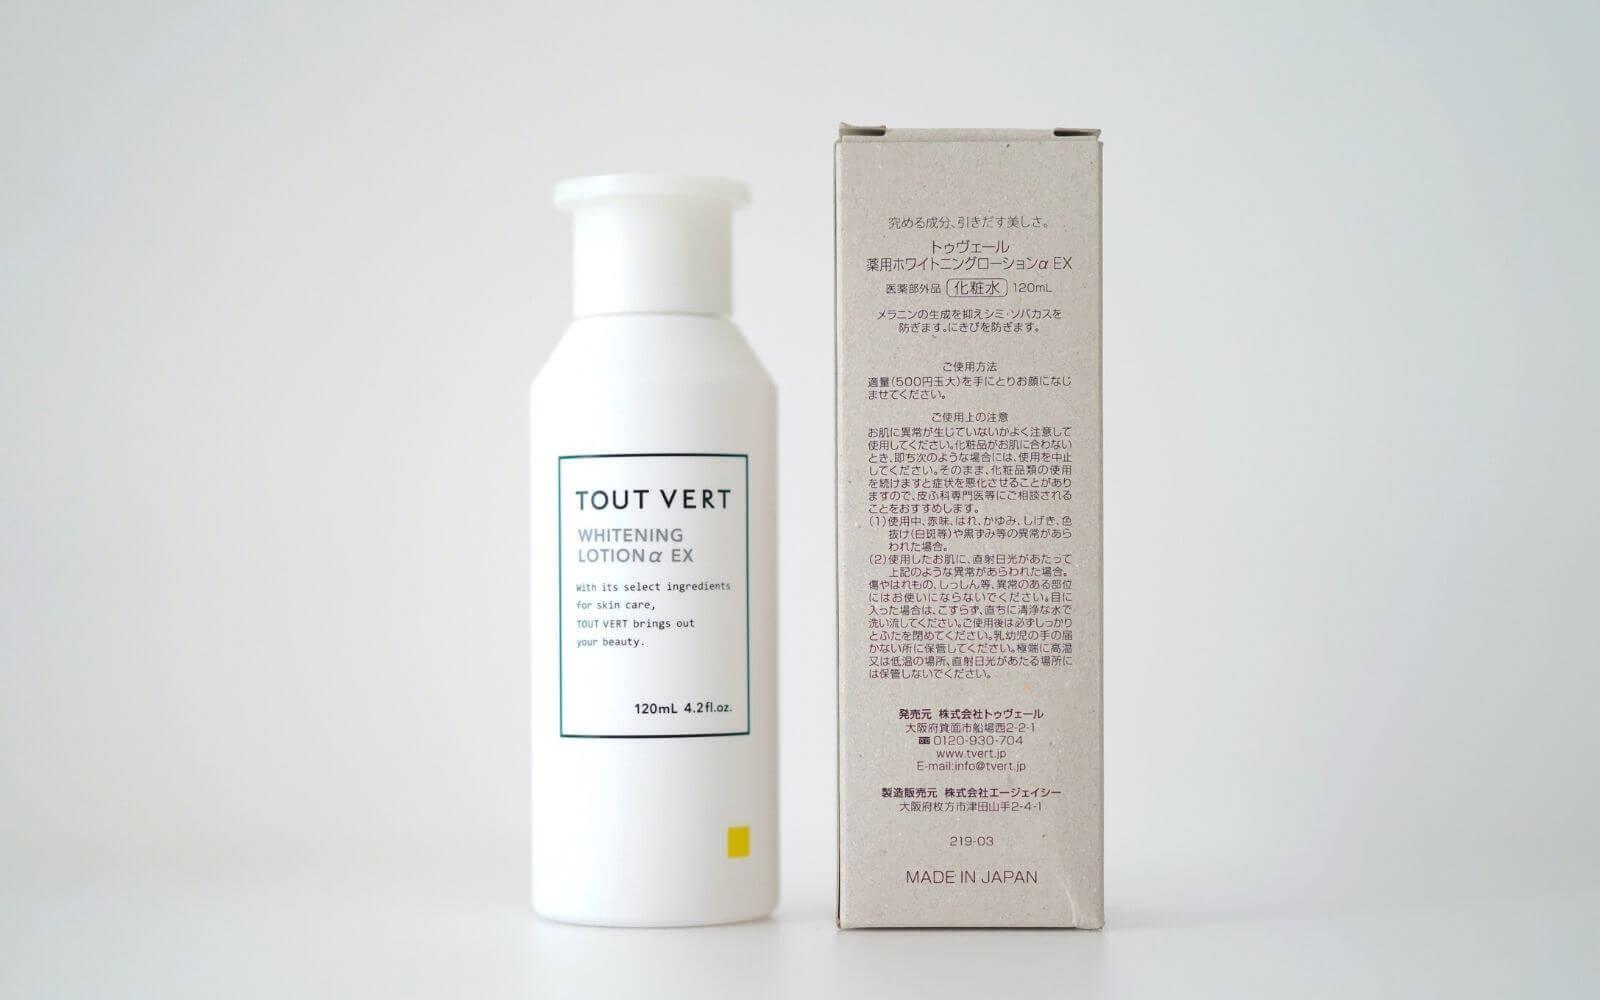 化粧水の使用期限